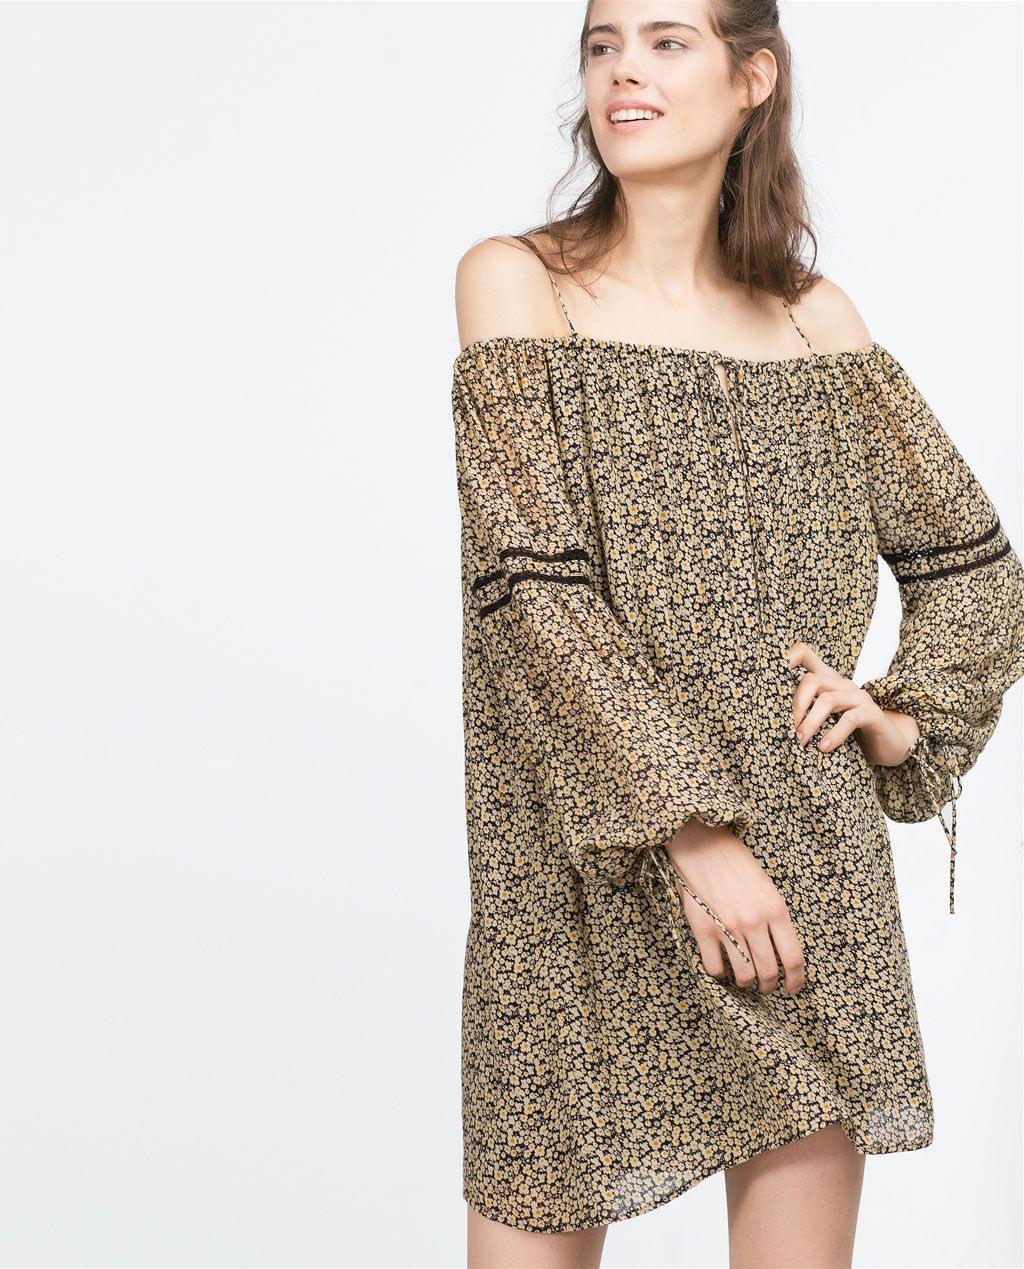 Pin Von Michele Watson Auf Zara Wish List  Kleider